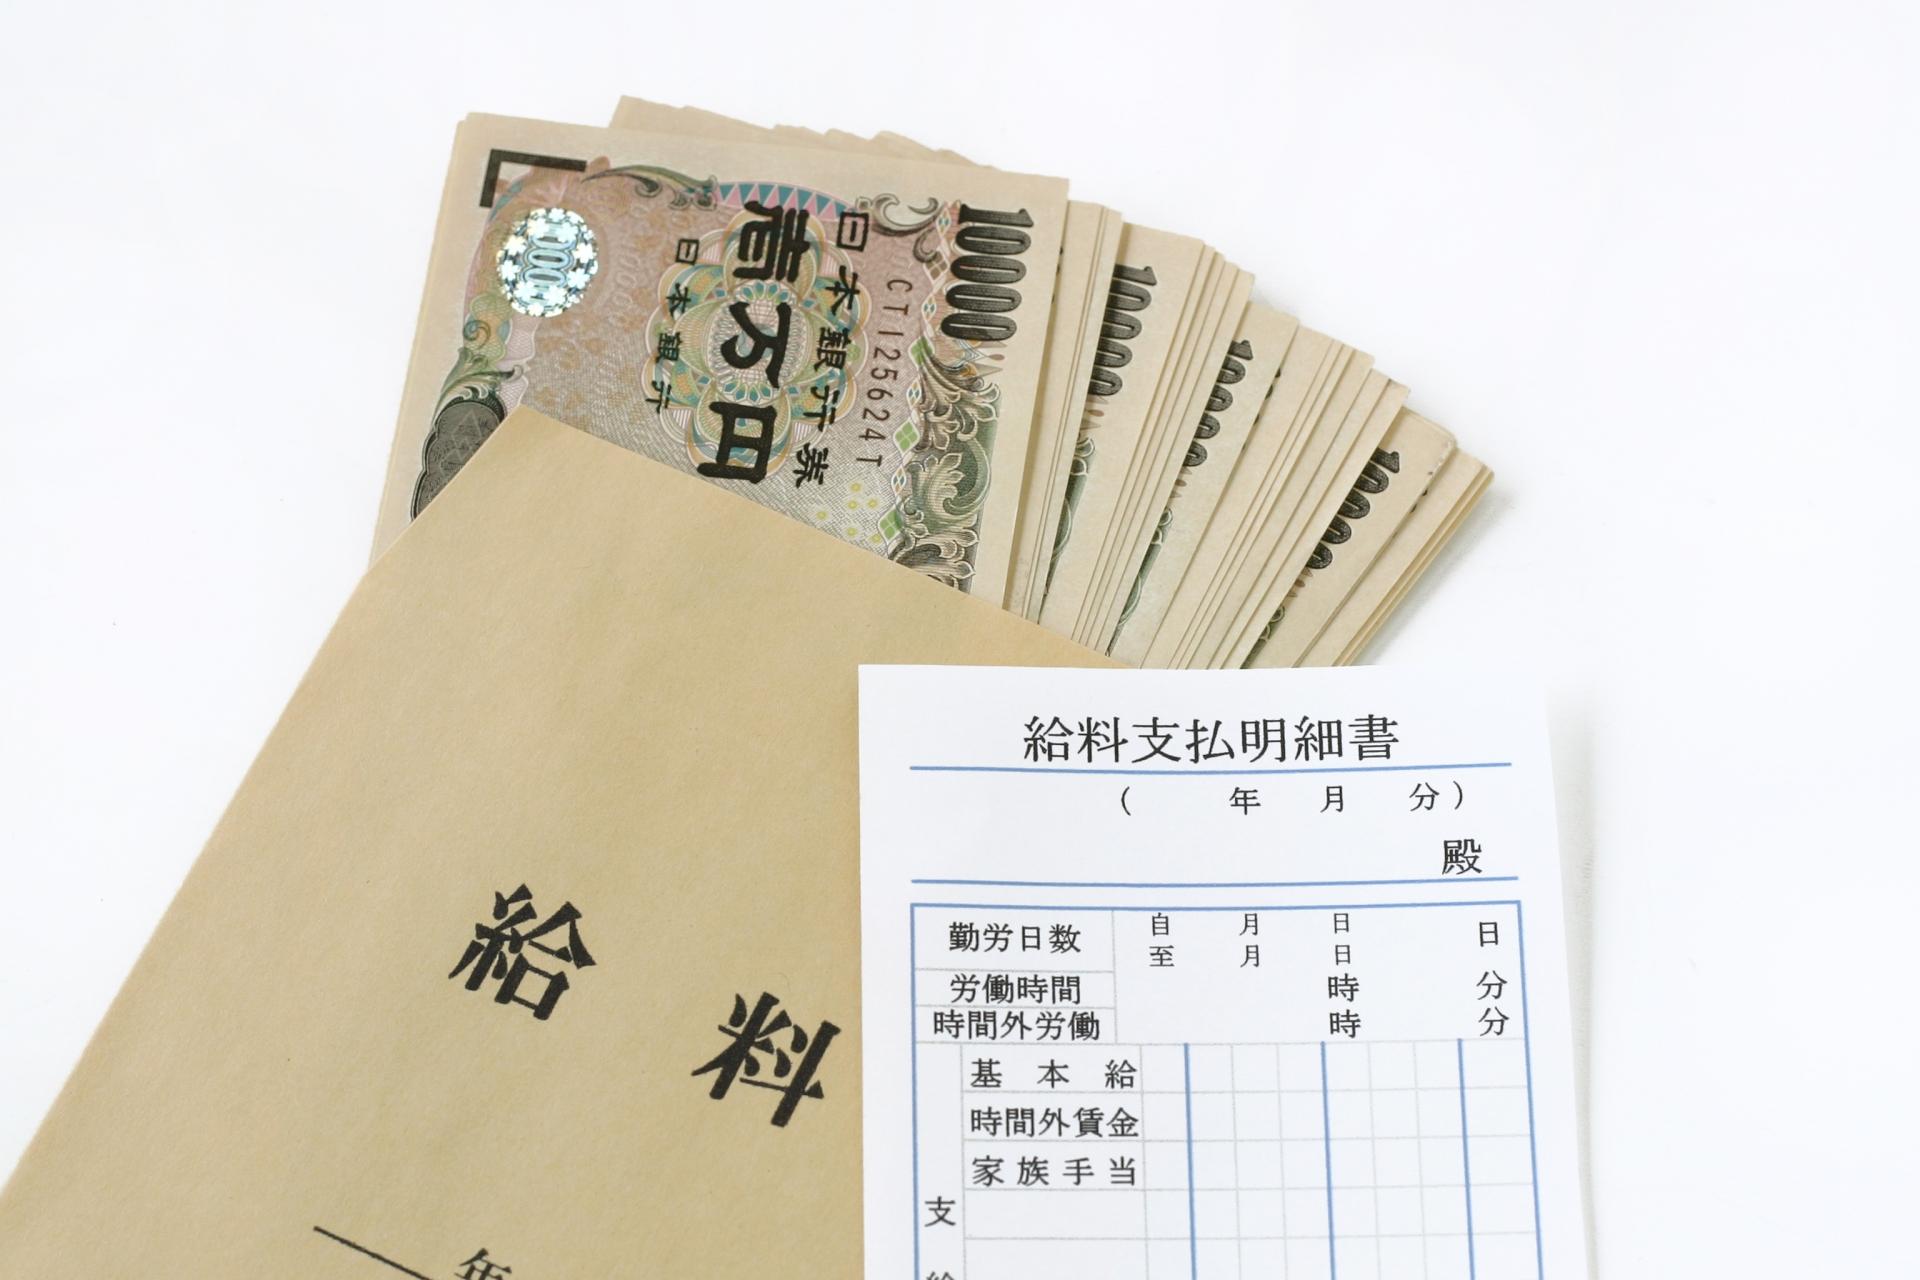 【年収別】投資はいくらから始めるのが最適解かというイメージの給料袋の画像